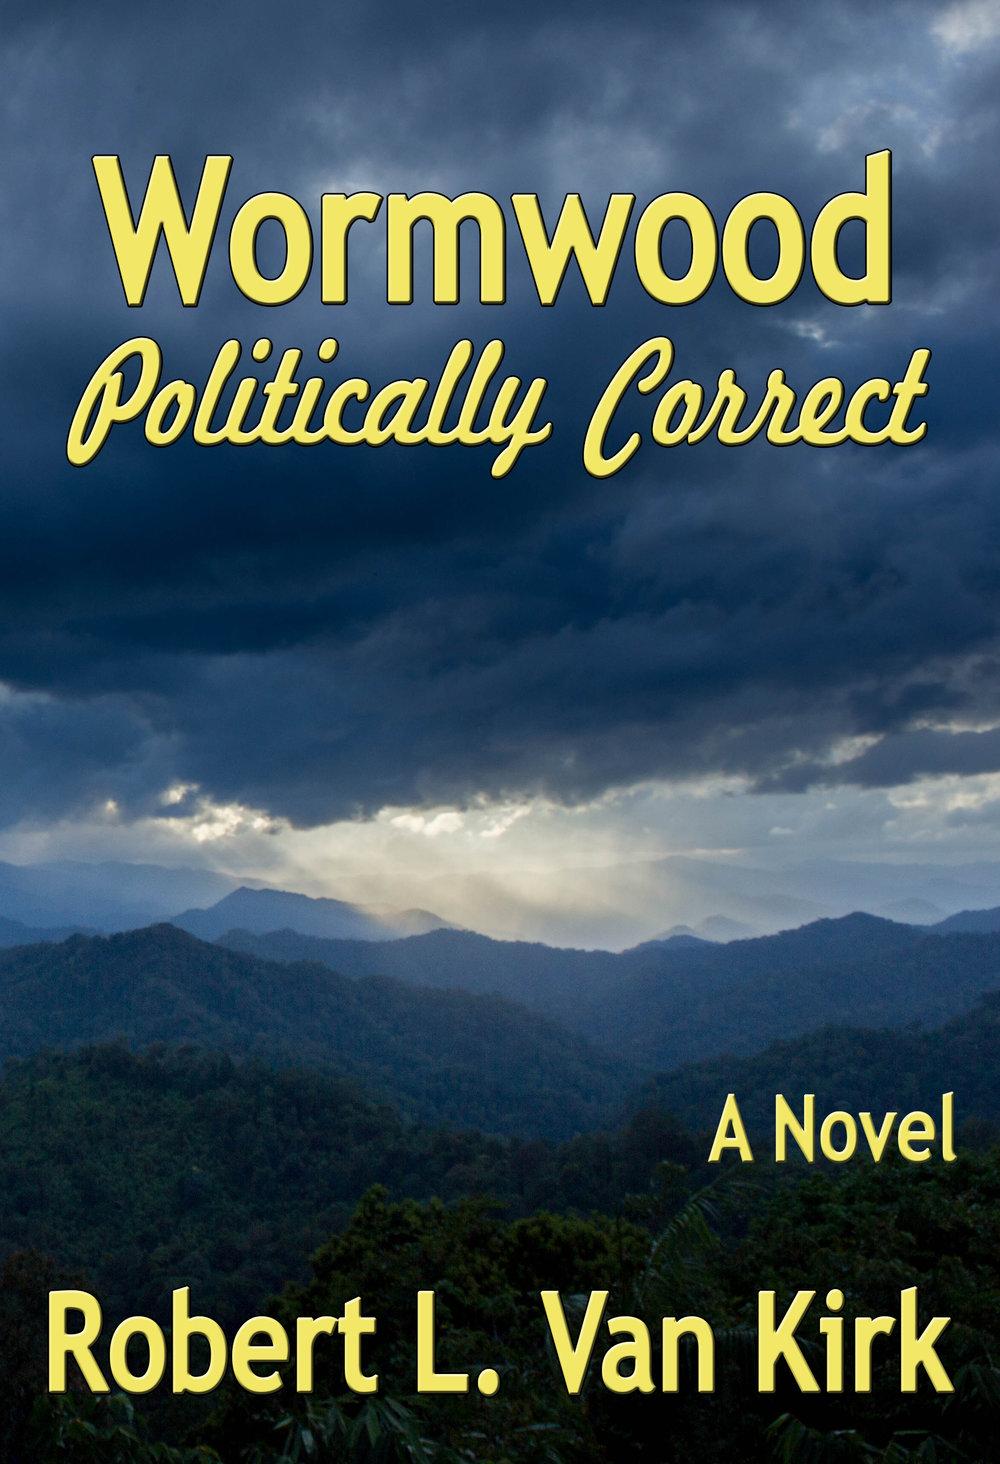 Wormwood: Politically Correct A Novel By Robert L. Van Kirk